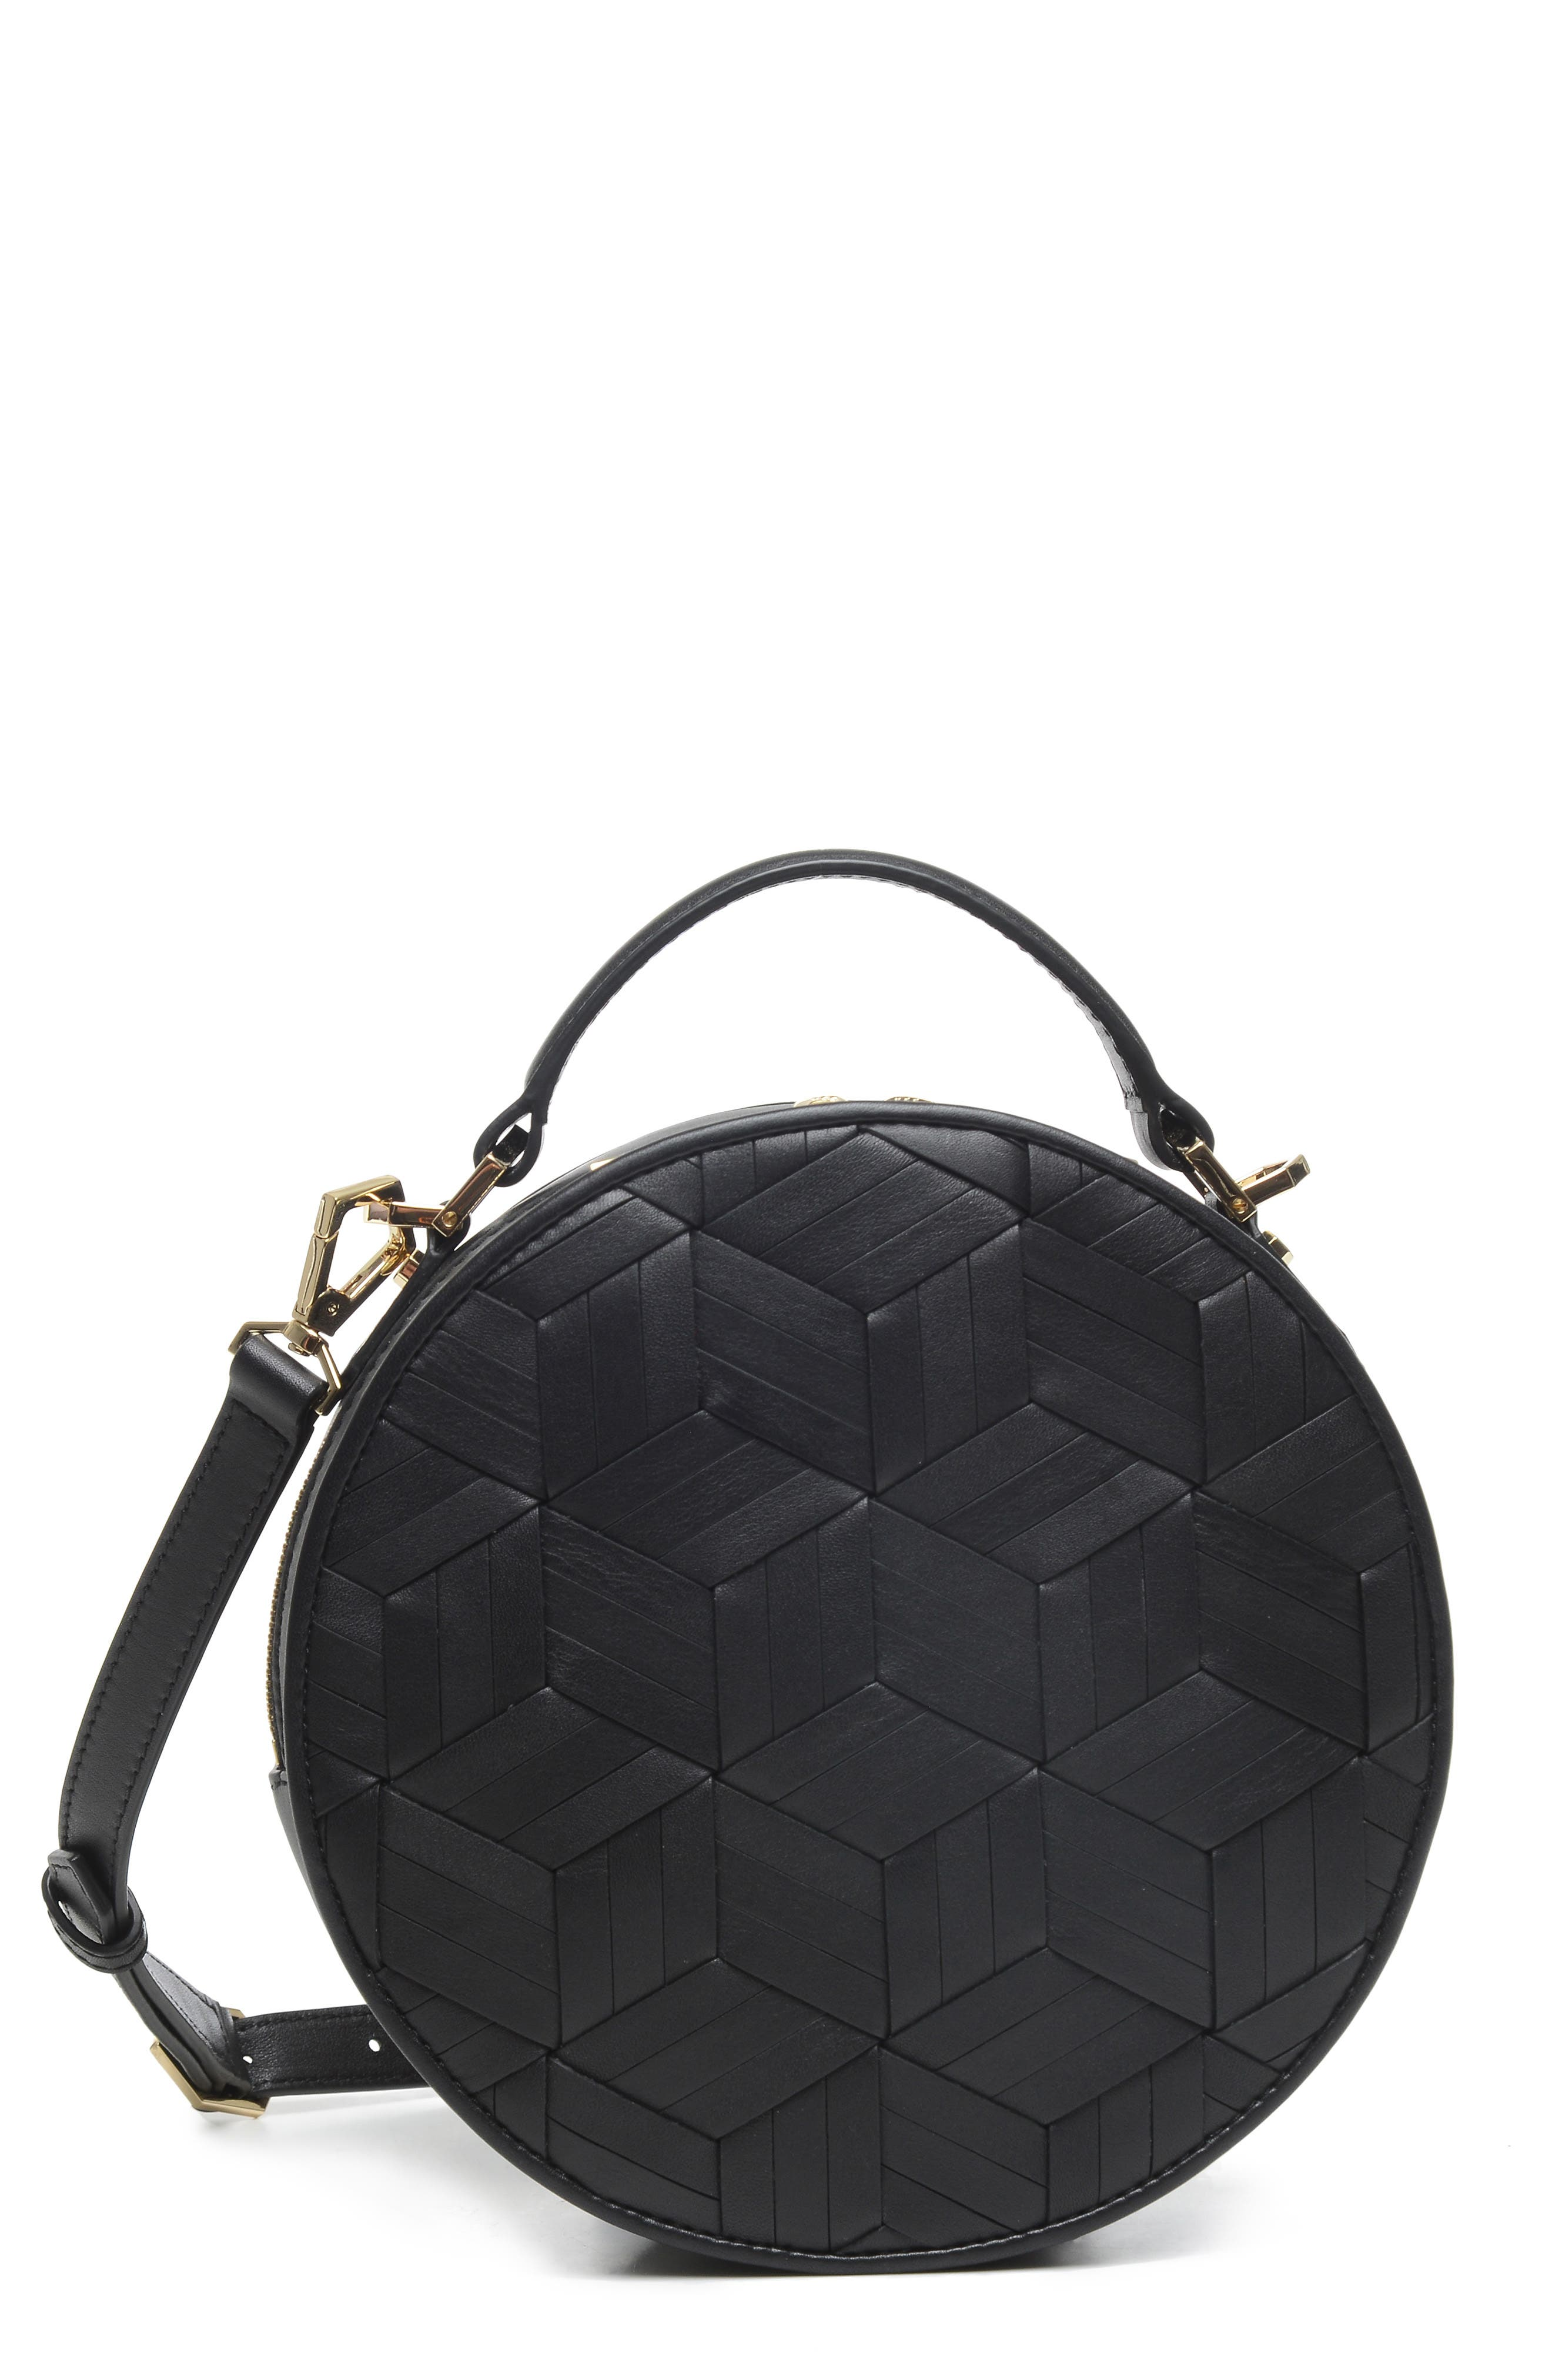 WELDEN Meridian Leather Crossbody Bag - Black